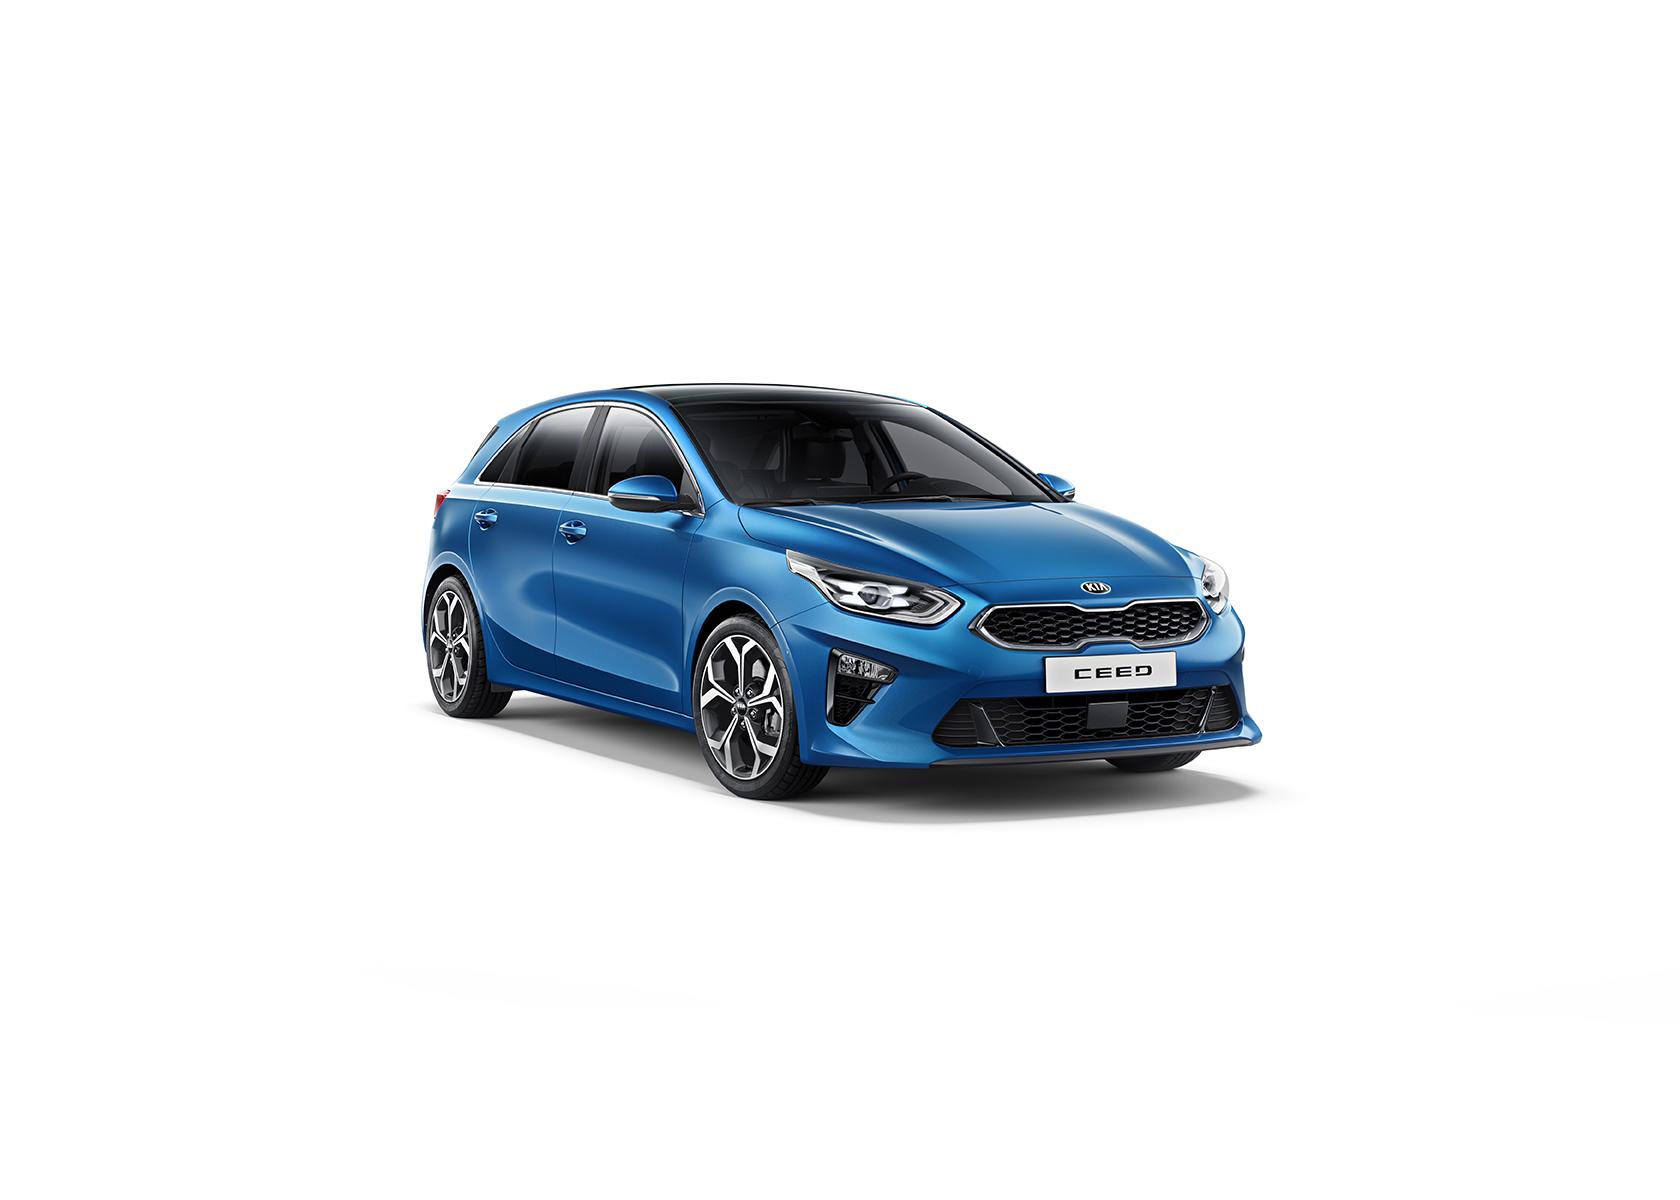 Kia Cee´d 2018 bei Auto Stahl Detail Seitenansicht Frontansicht Blau